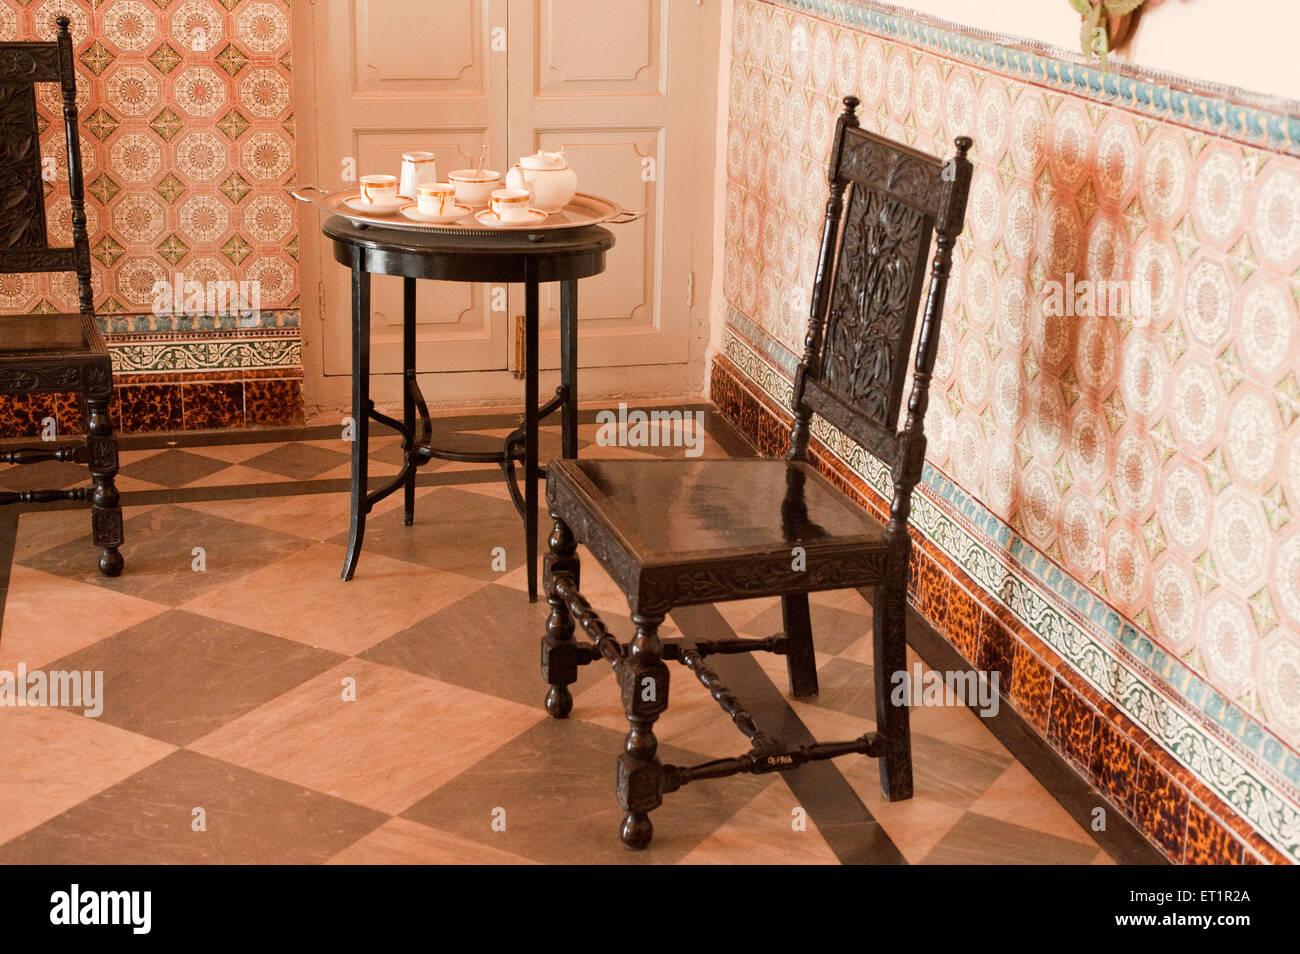 Comedor en el museo scindia en palacio jaivilas Gwalior ; ; ; de Madhya Pradesh, India Foto de stock